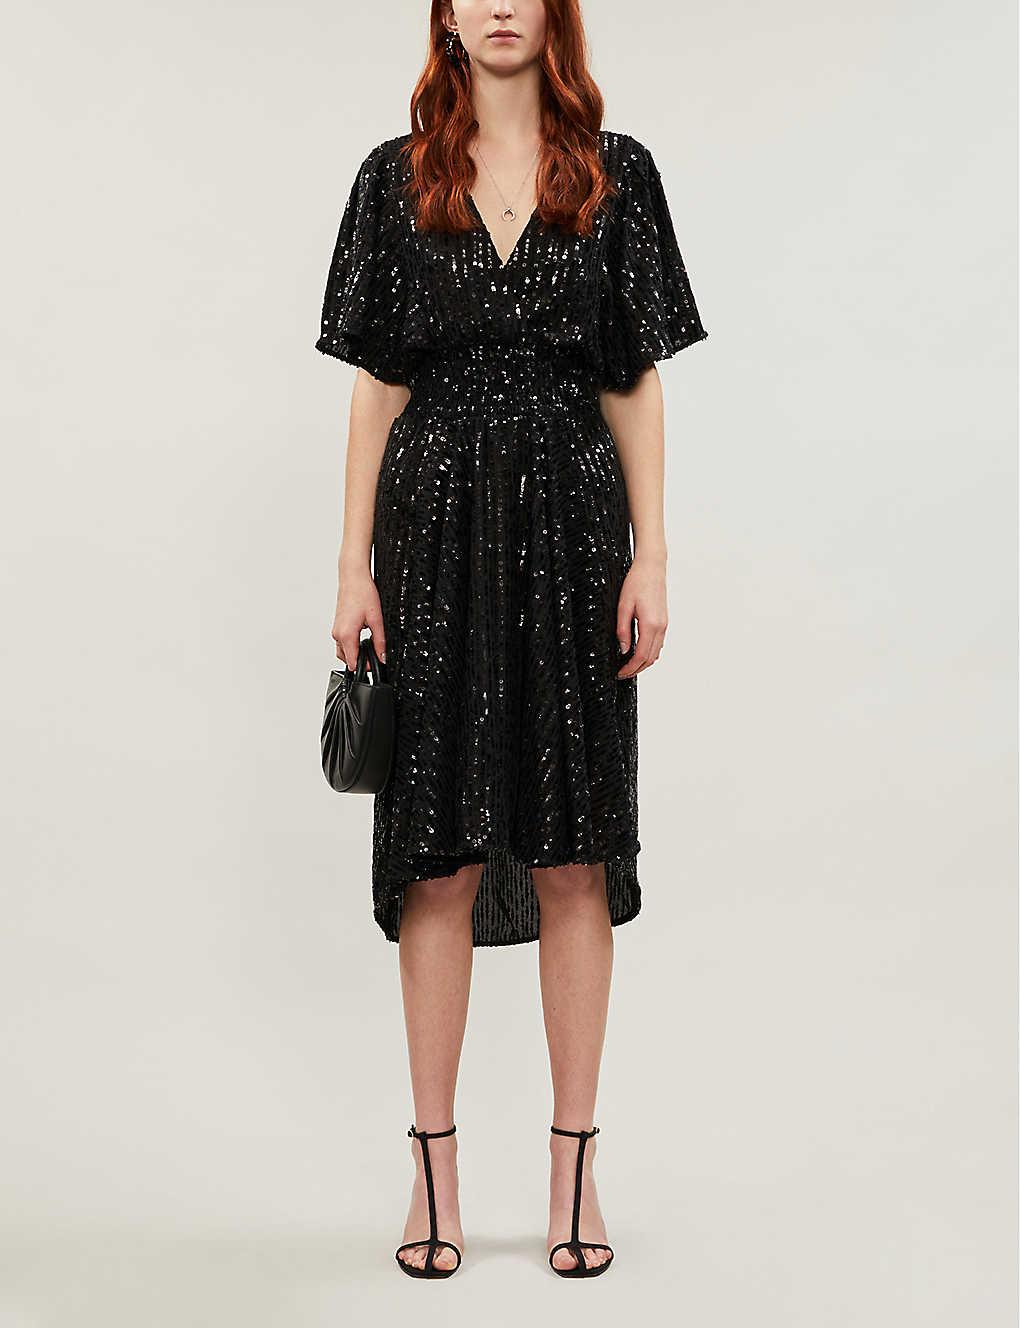 Sequin-embellished midi dress(8308351)